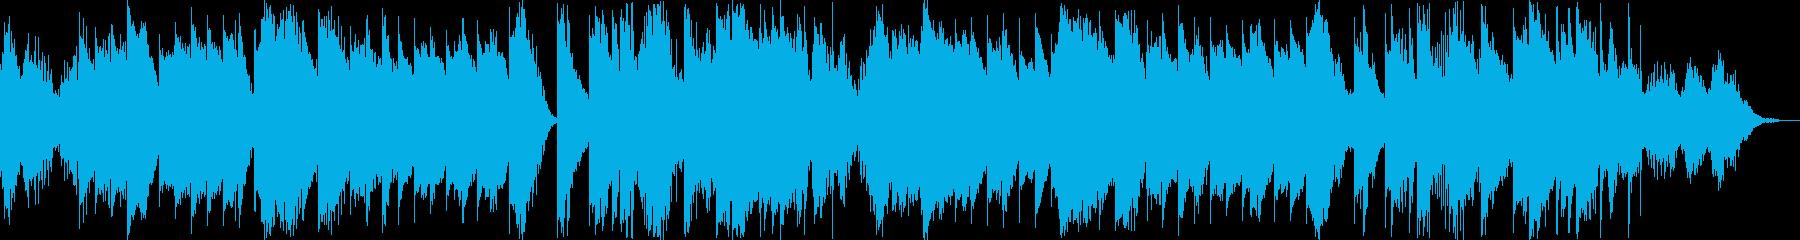 エレクトロニック 説明的 気分が良...の再生済みの波形